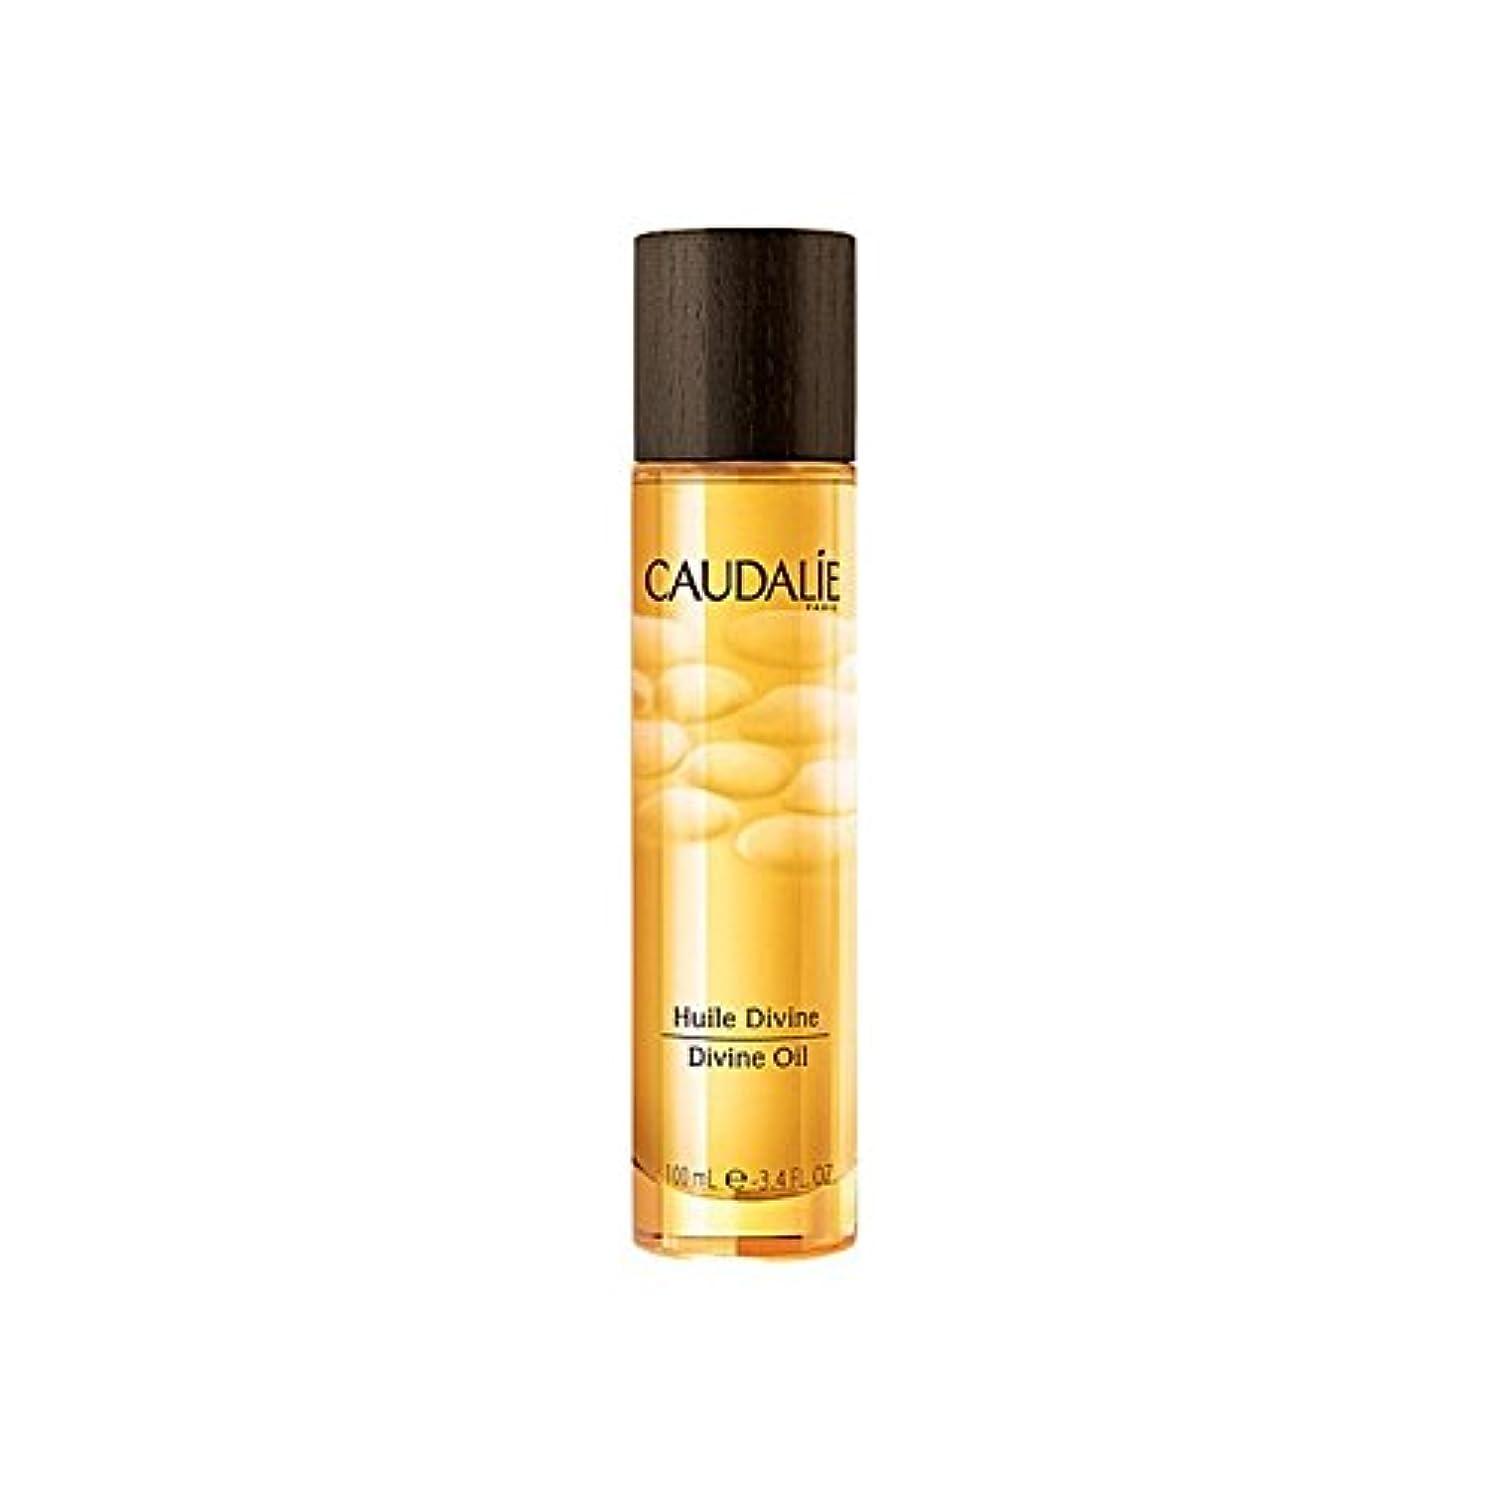 修復極貧受取人Caudalie Divine Oil 100ml (Pack of 6) - コーダリー神のオイル100ミリリットル x6 [並行輸入品]